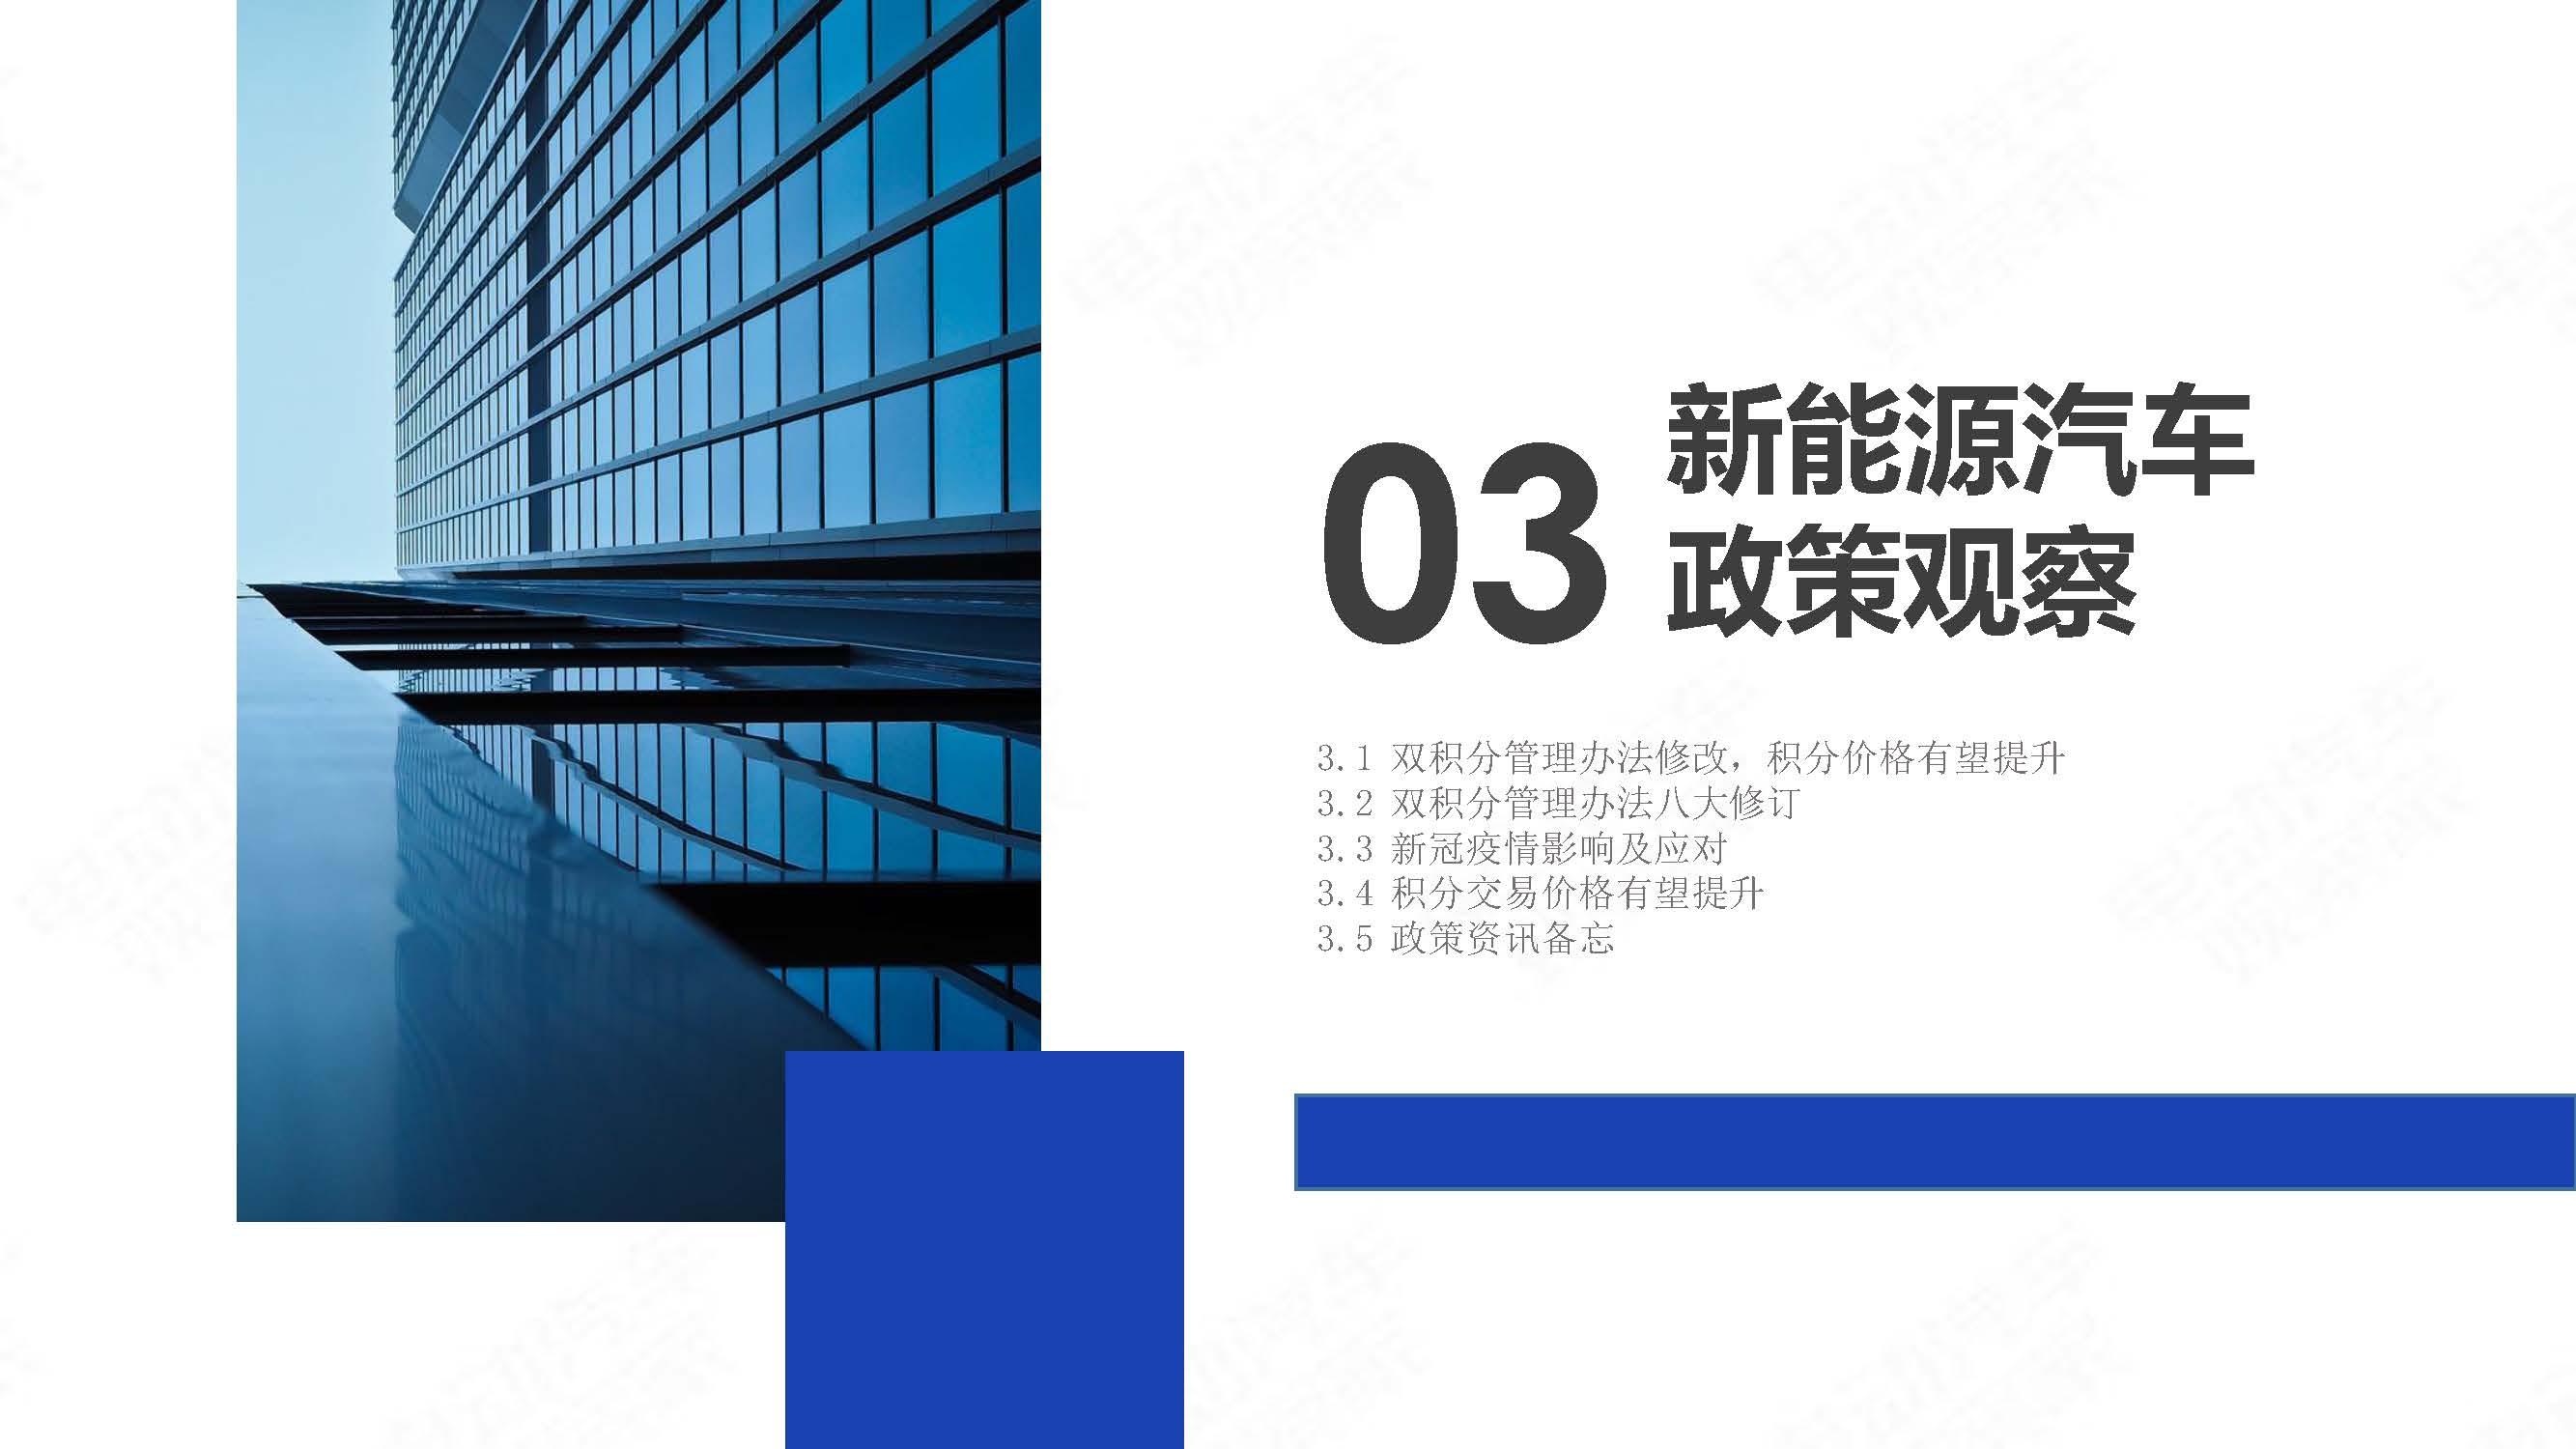 中国新能源汽车产业观察2020年5月简版_页面_27